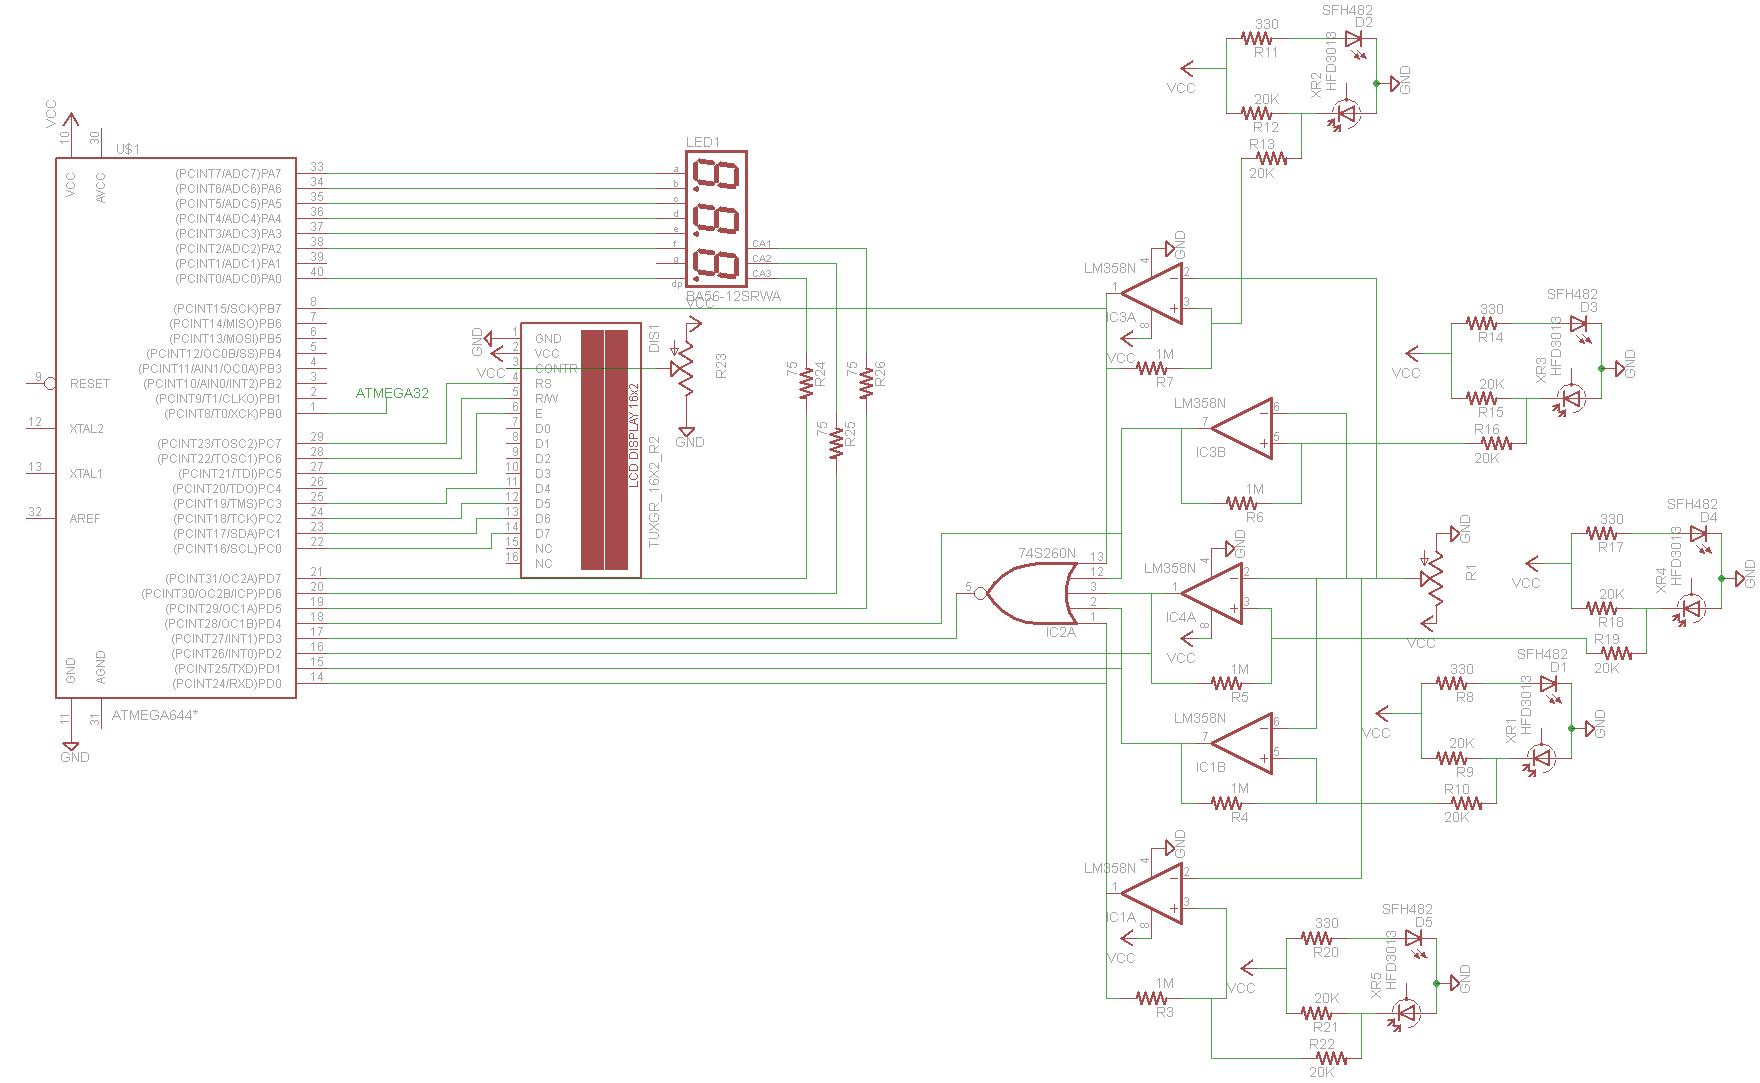 final schematics diagram